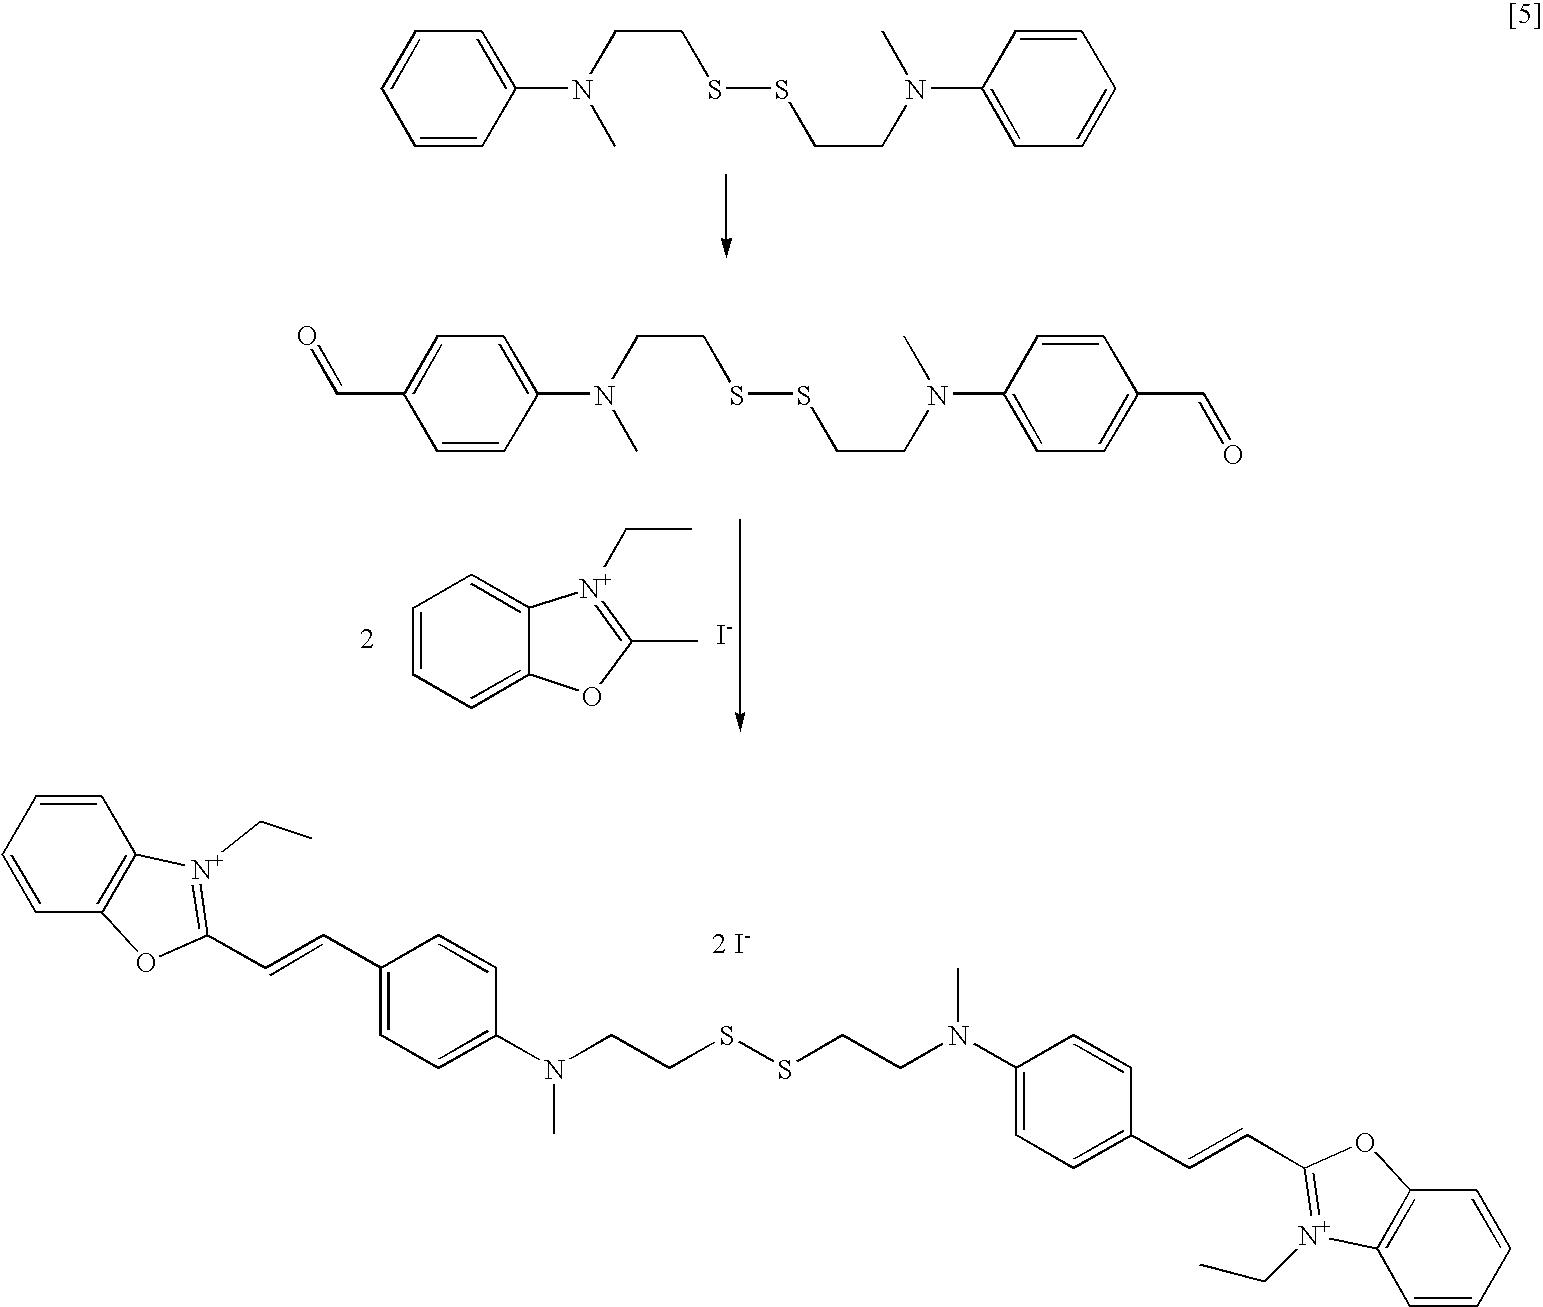 Figure US20090211038A1-20090827-C00043